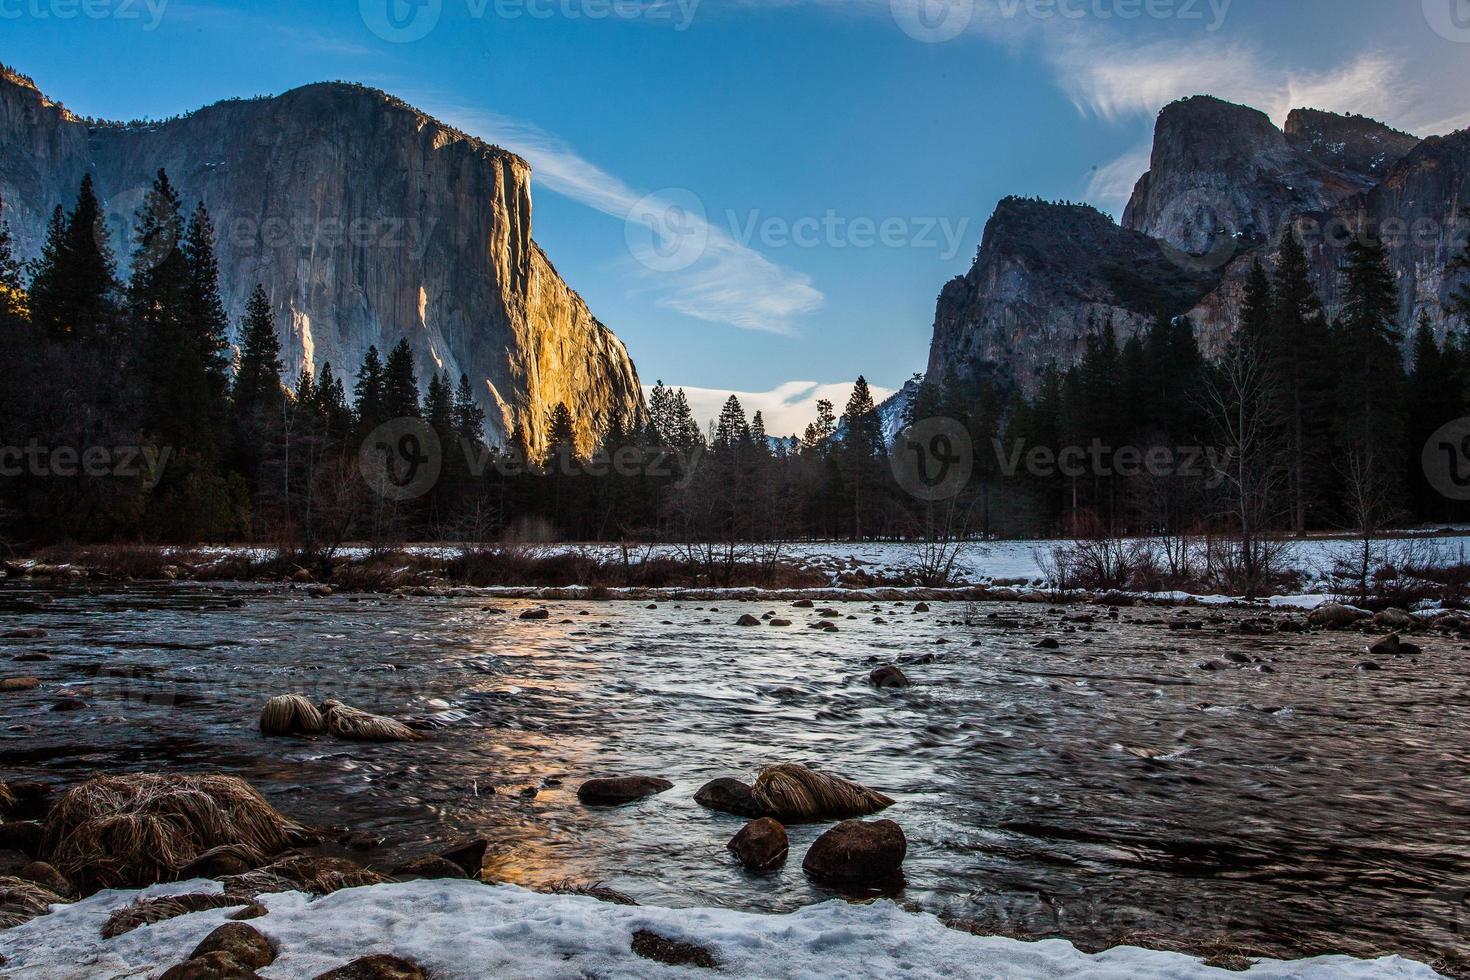 vista do vale no inverno foto